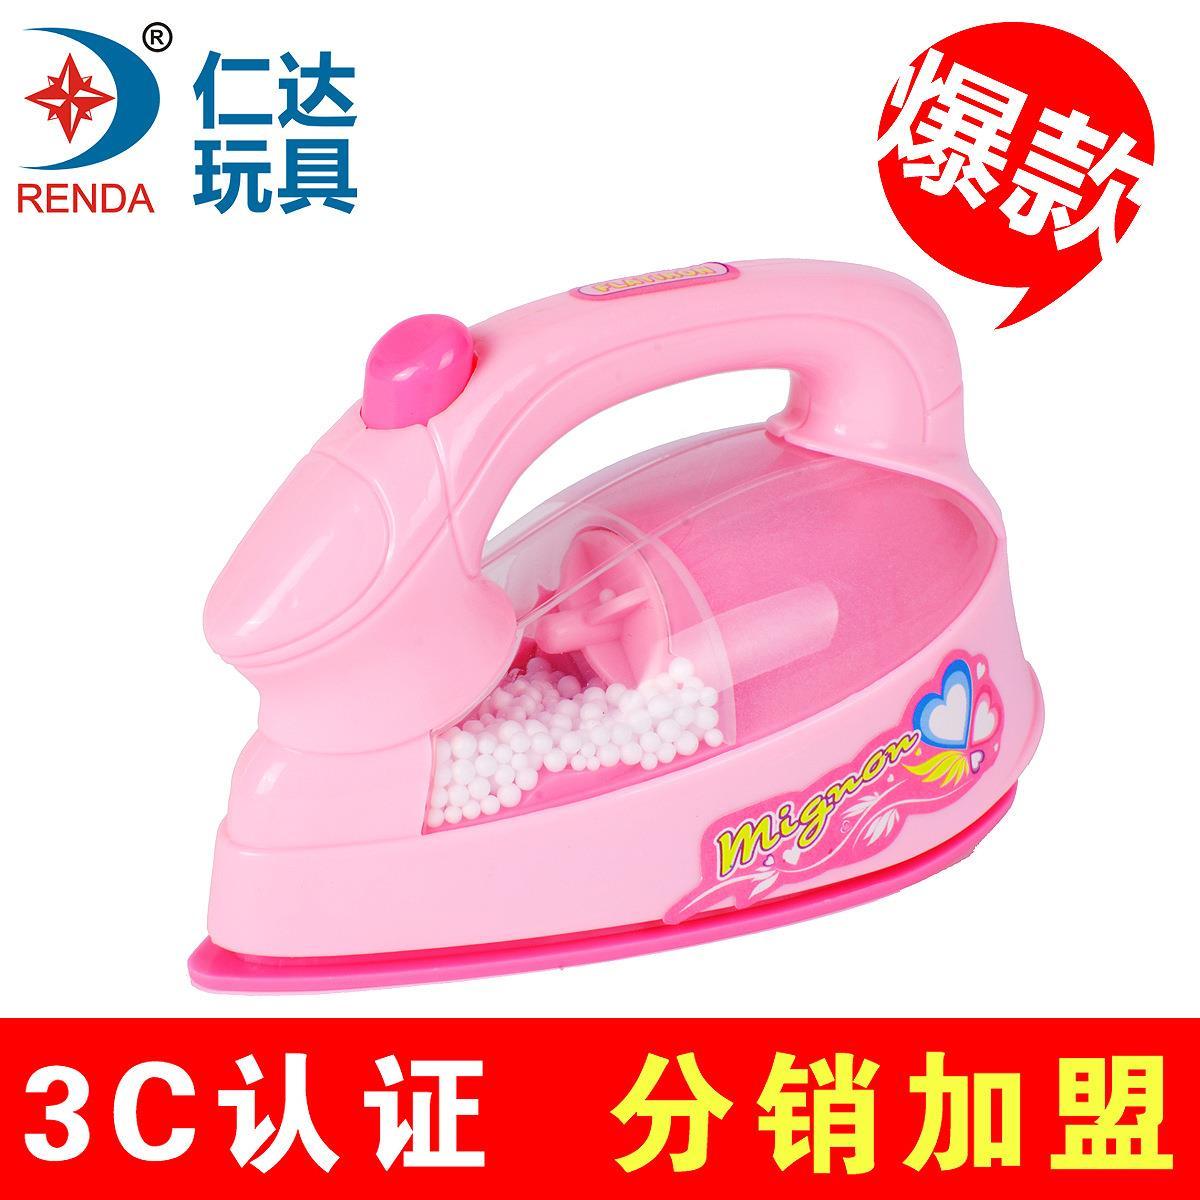 Детский игровой набор Renda rd800221